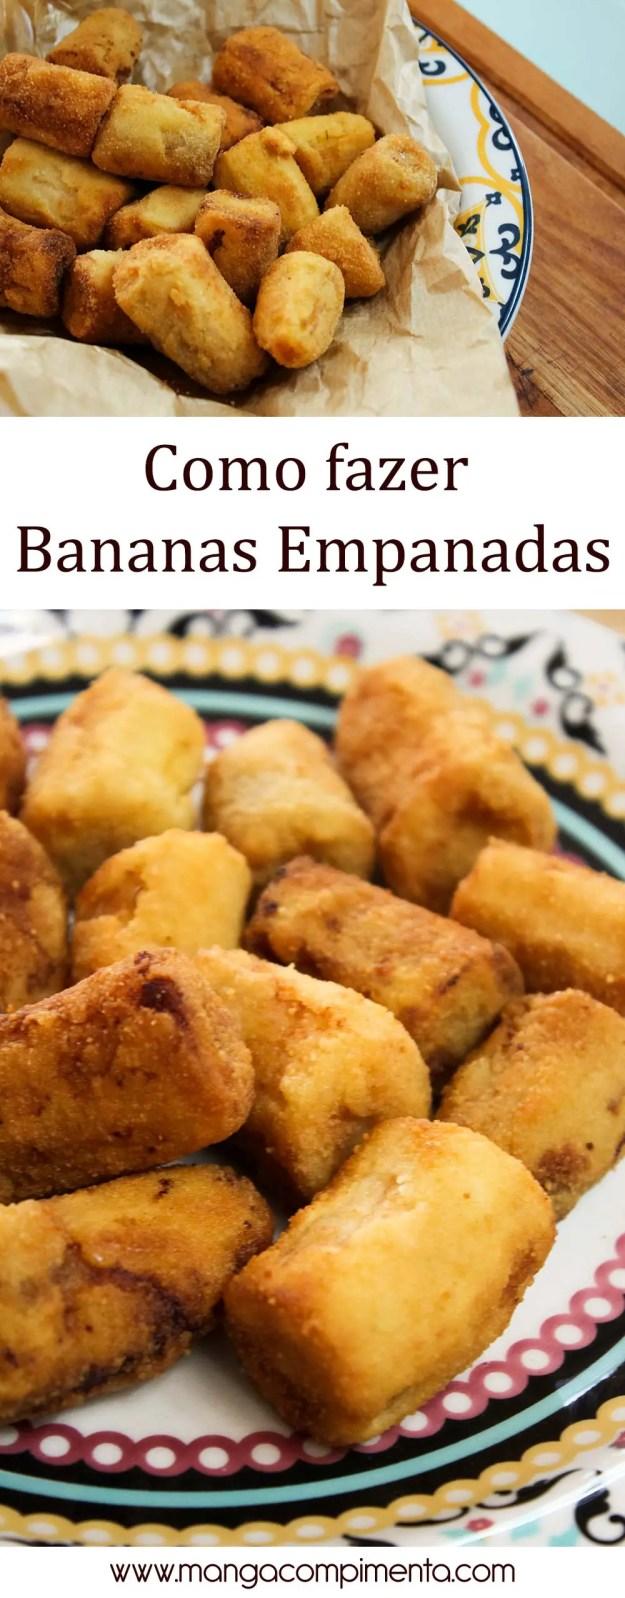 Aprenda a fazer Bananas Empanadas em casa - com direito a vídeo do Youtube